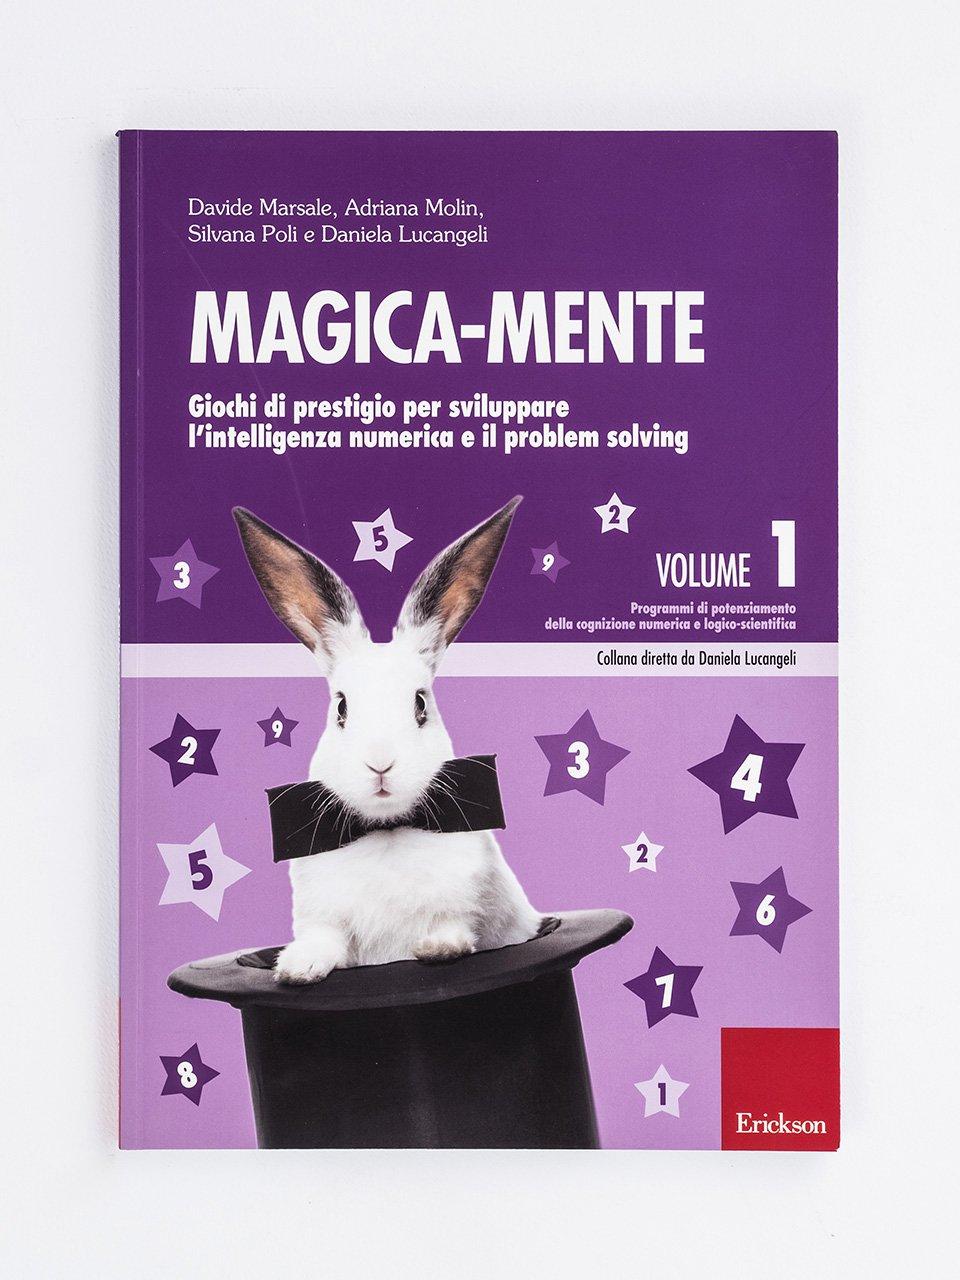 Magica-mente 1 - Laboratorio discalculia - Libri - Erickson